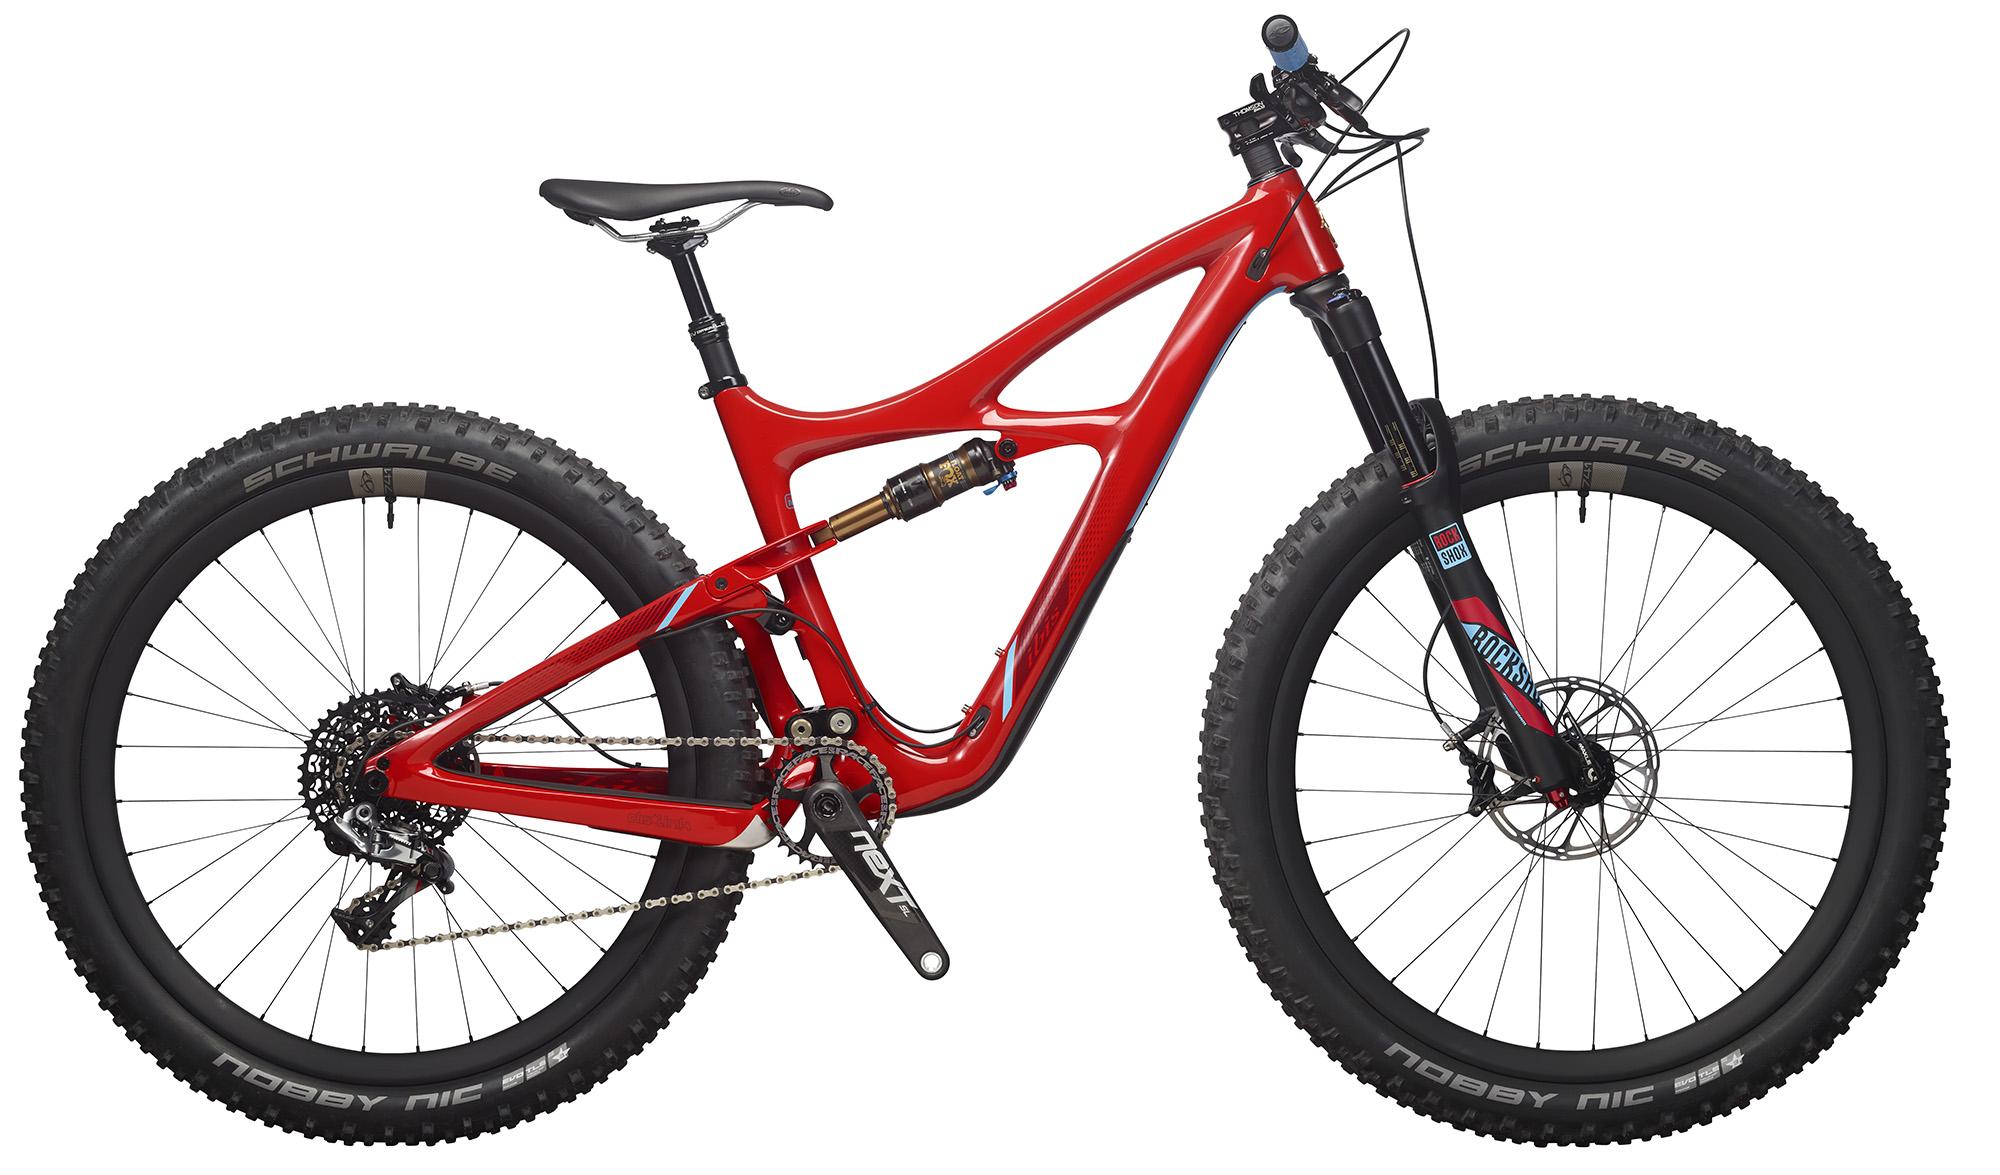 Red XX1 741 2.8 Next-55